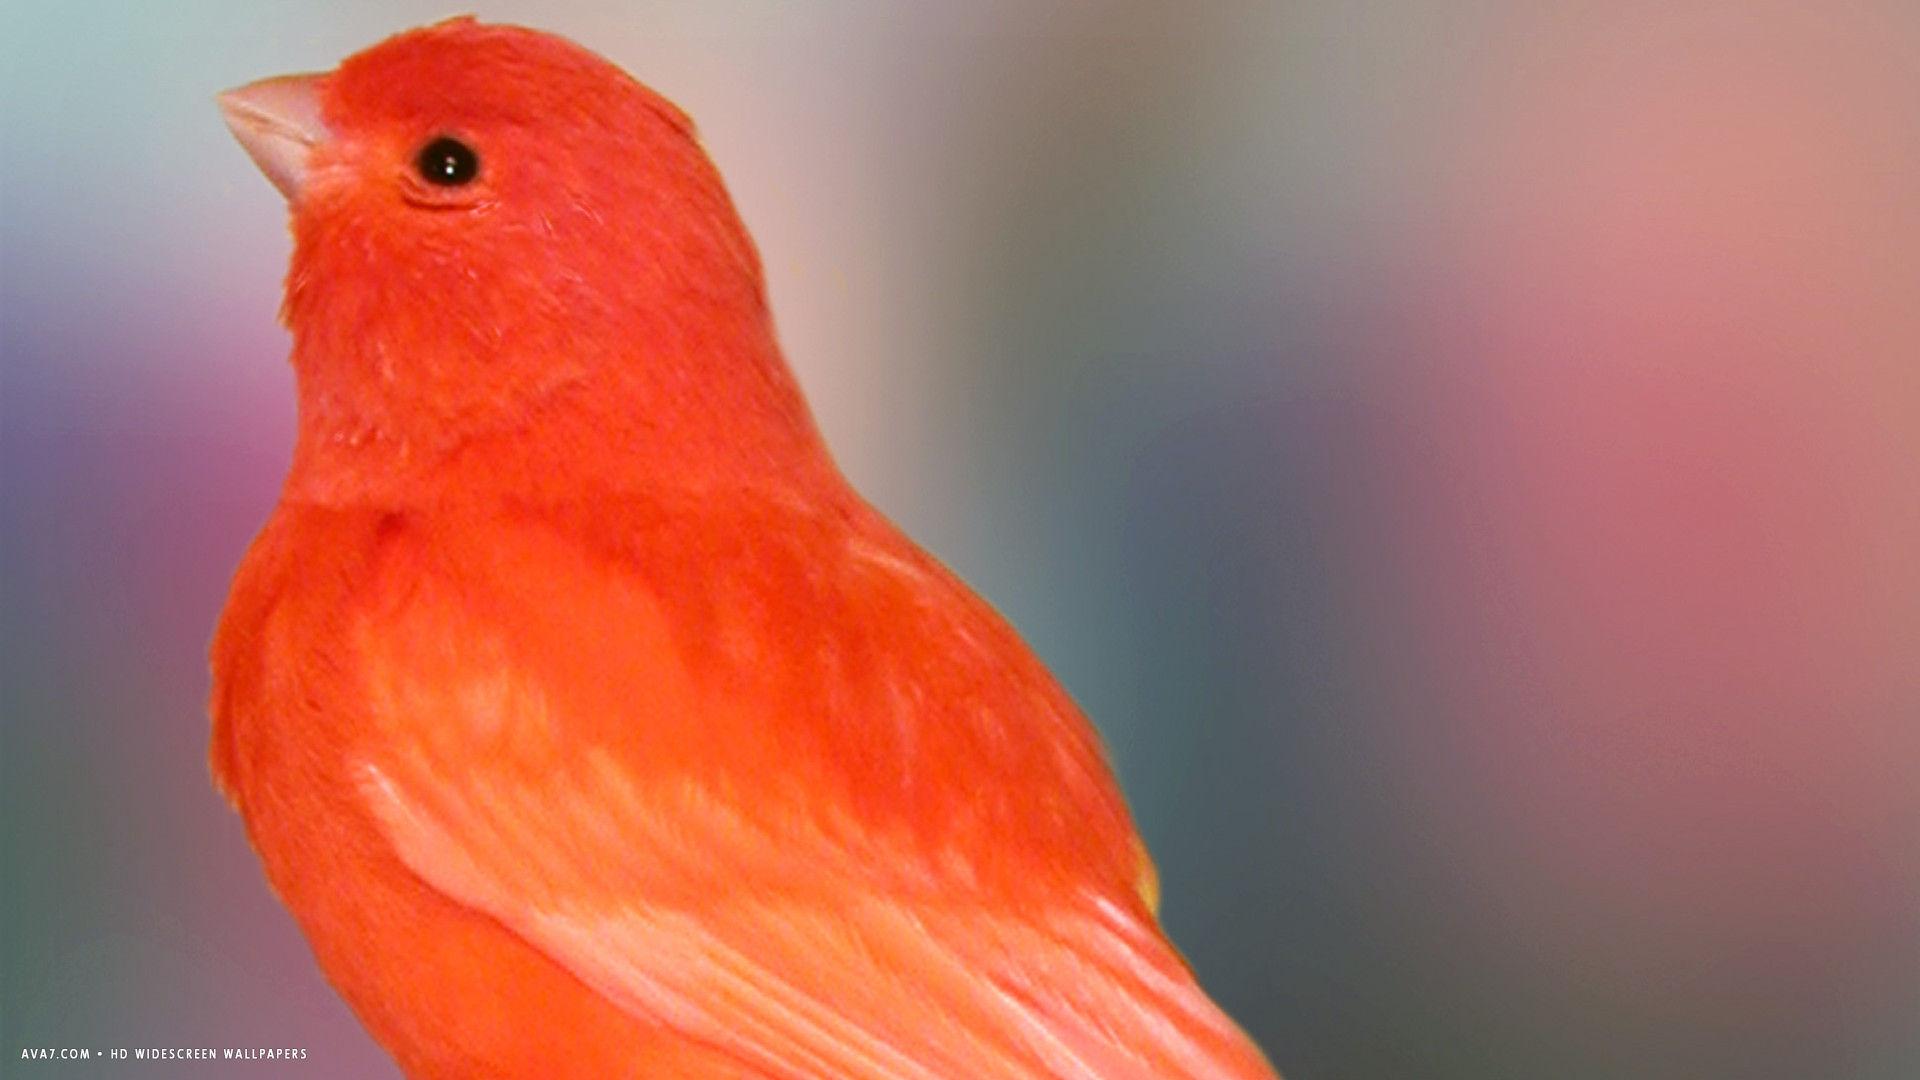 Cute Parakeet Wallpaper Canary Red Cute Bird Hd Widescreen Wallpaper Birds